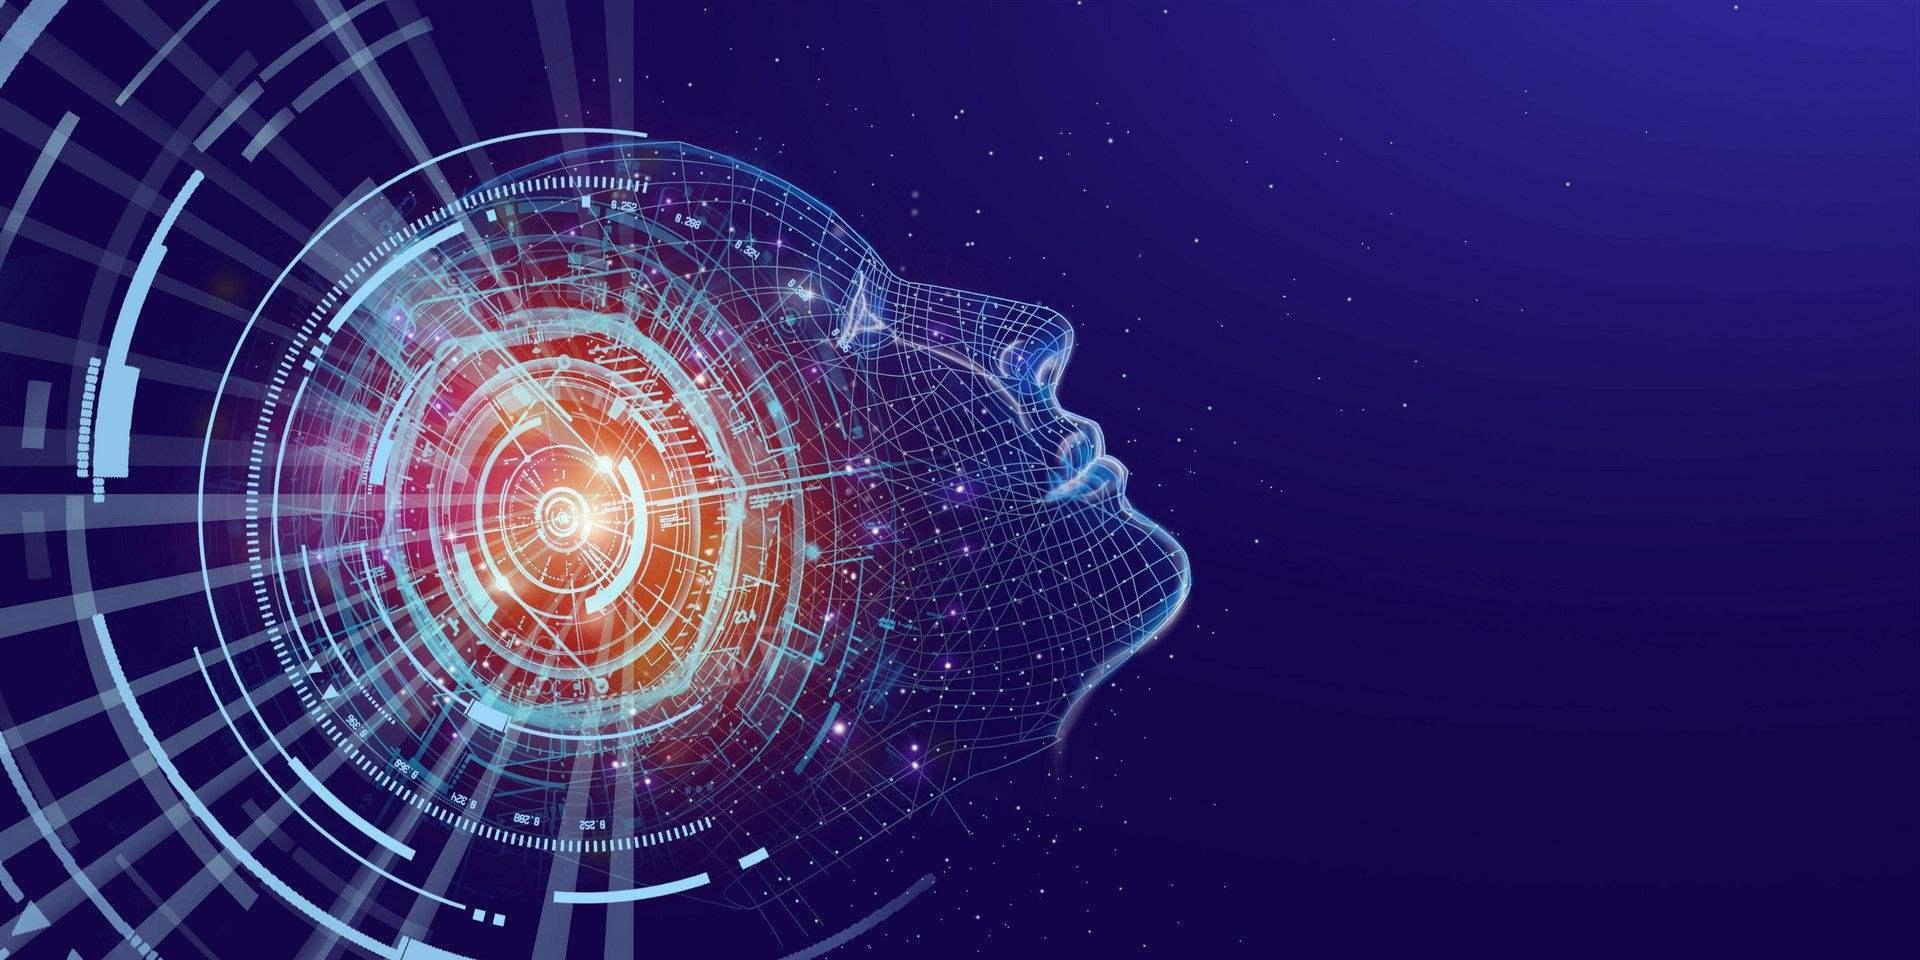 往届回声丨新技术窥探隐私?未来我们如何进行AI治理